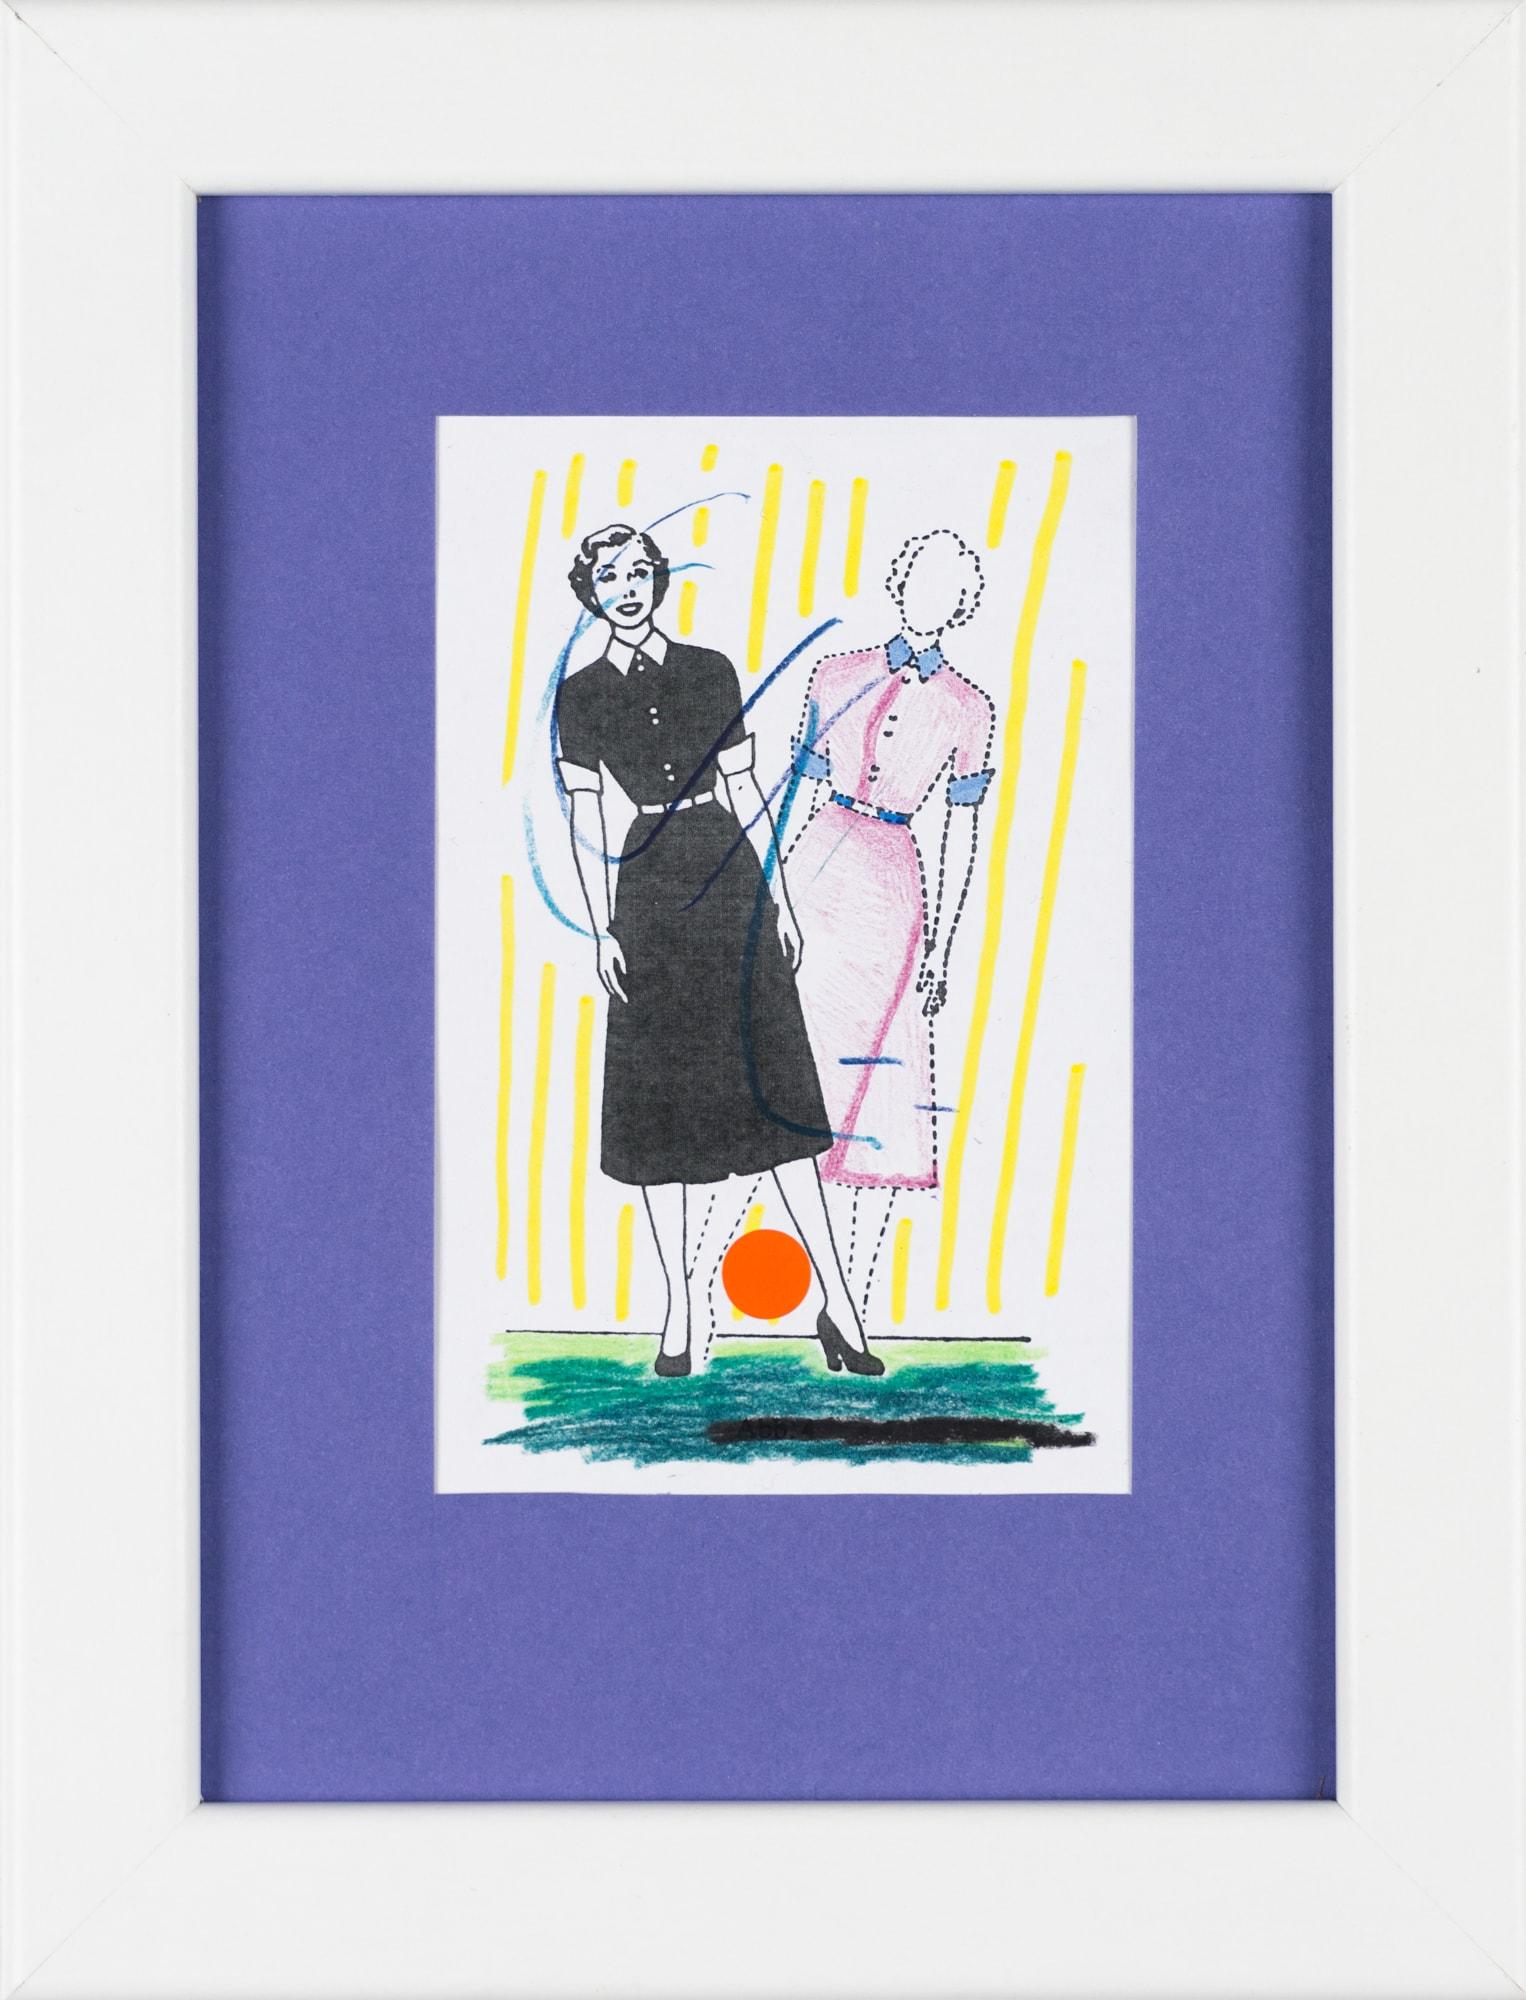 Übermalung und Mischtechnik auf Papier, 7,4x11,5cm, Originalgrafik zum gleichnamigen Booklet, Künstlerin: Franziska King